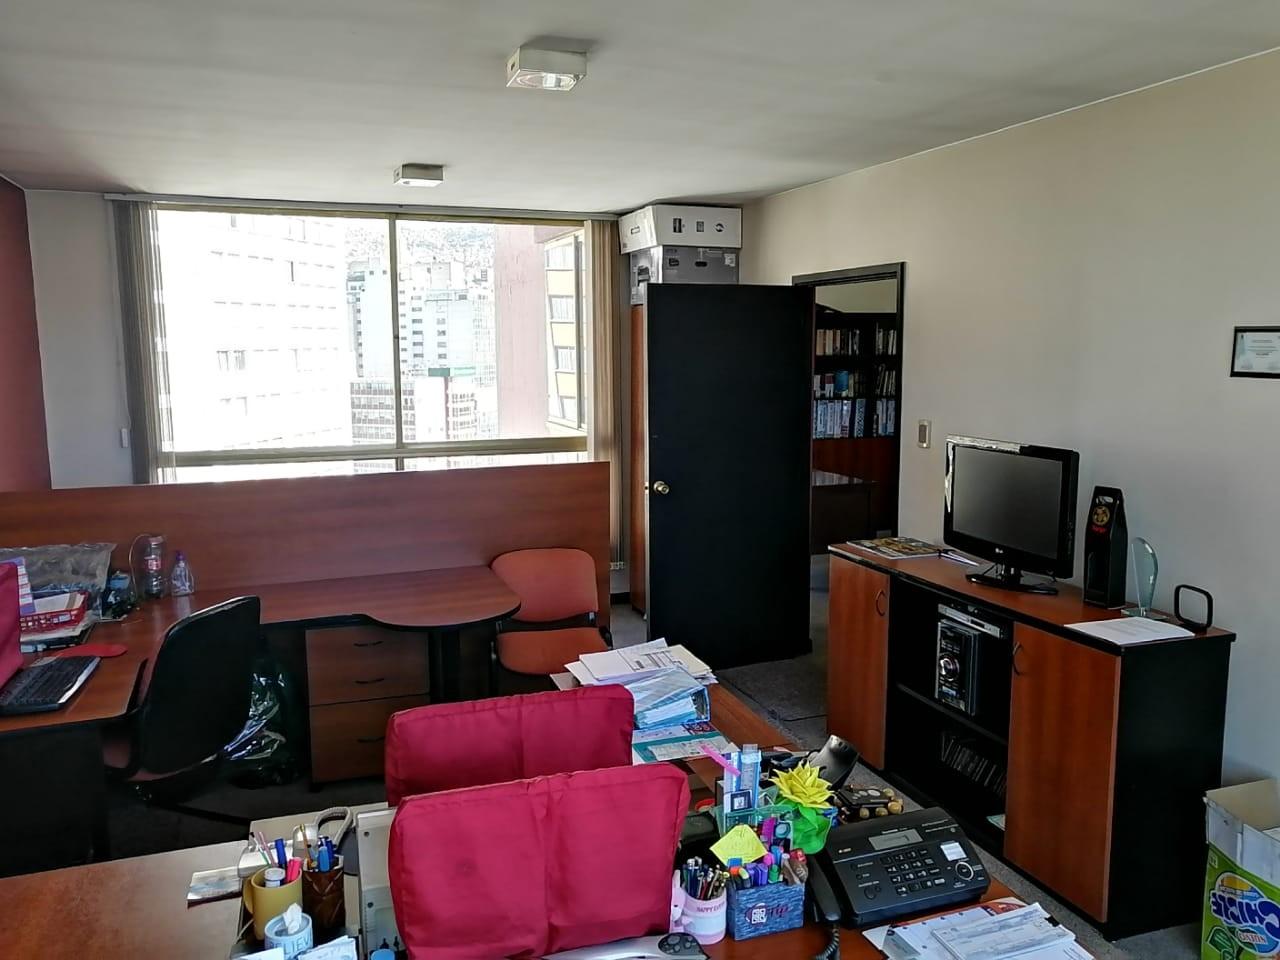 Oficina en Venta OFICINA EN VENTA A 1 CUADRA DEL PRADO Foto 6